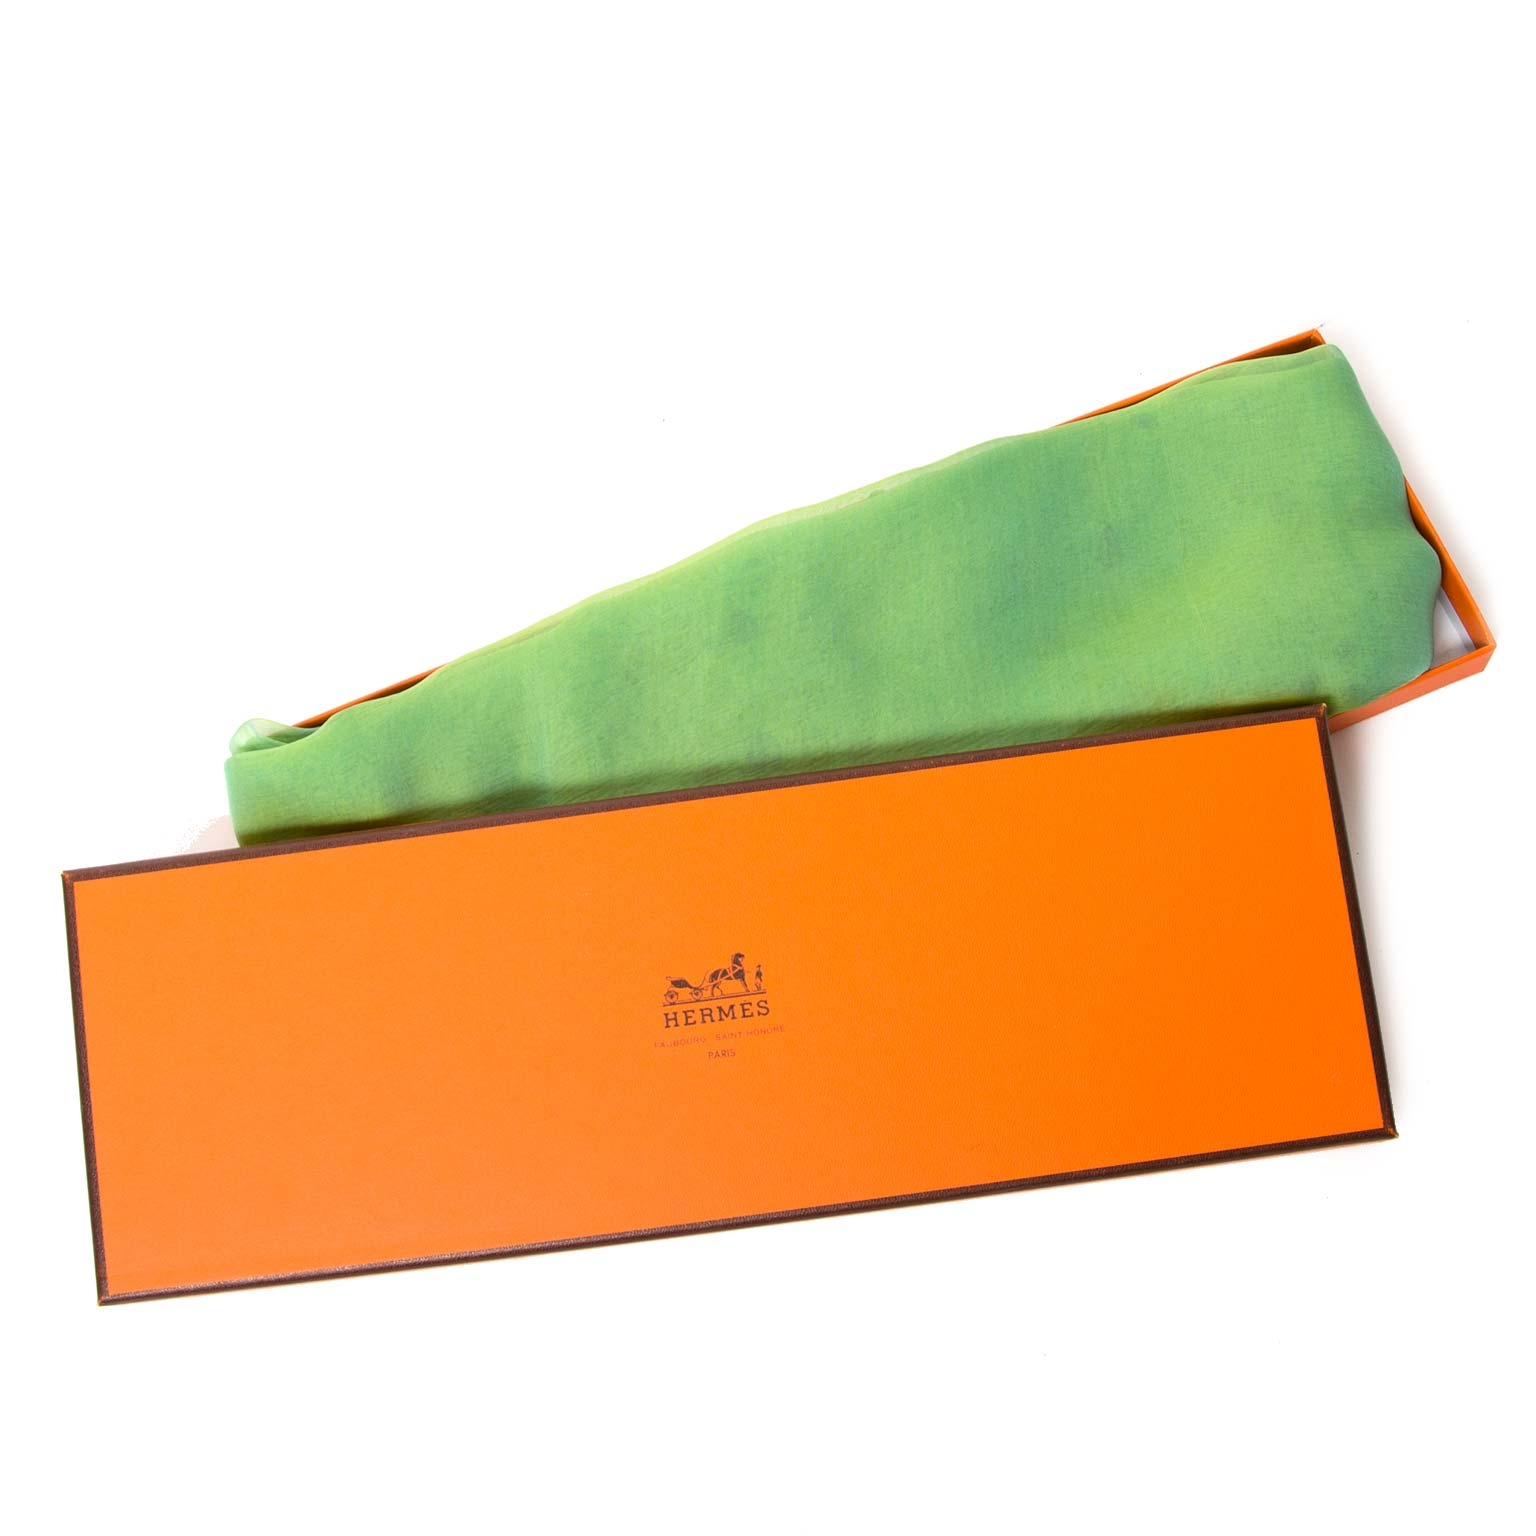 acheter en ligne seconde main Hermes Green Mouseline Scarf